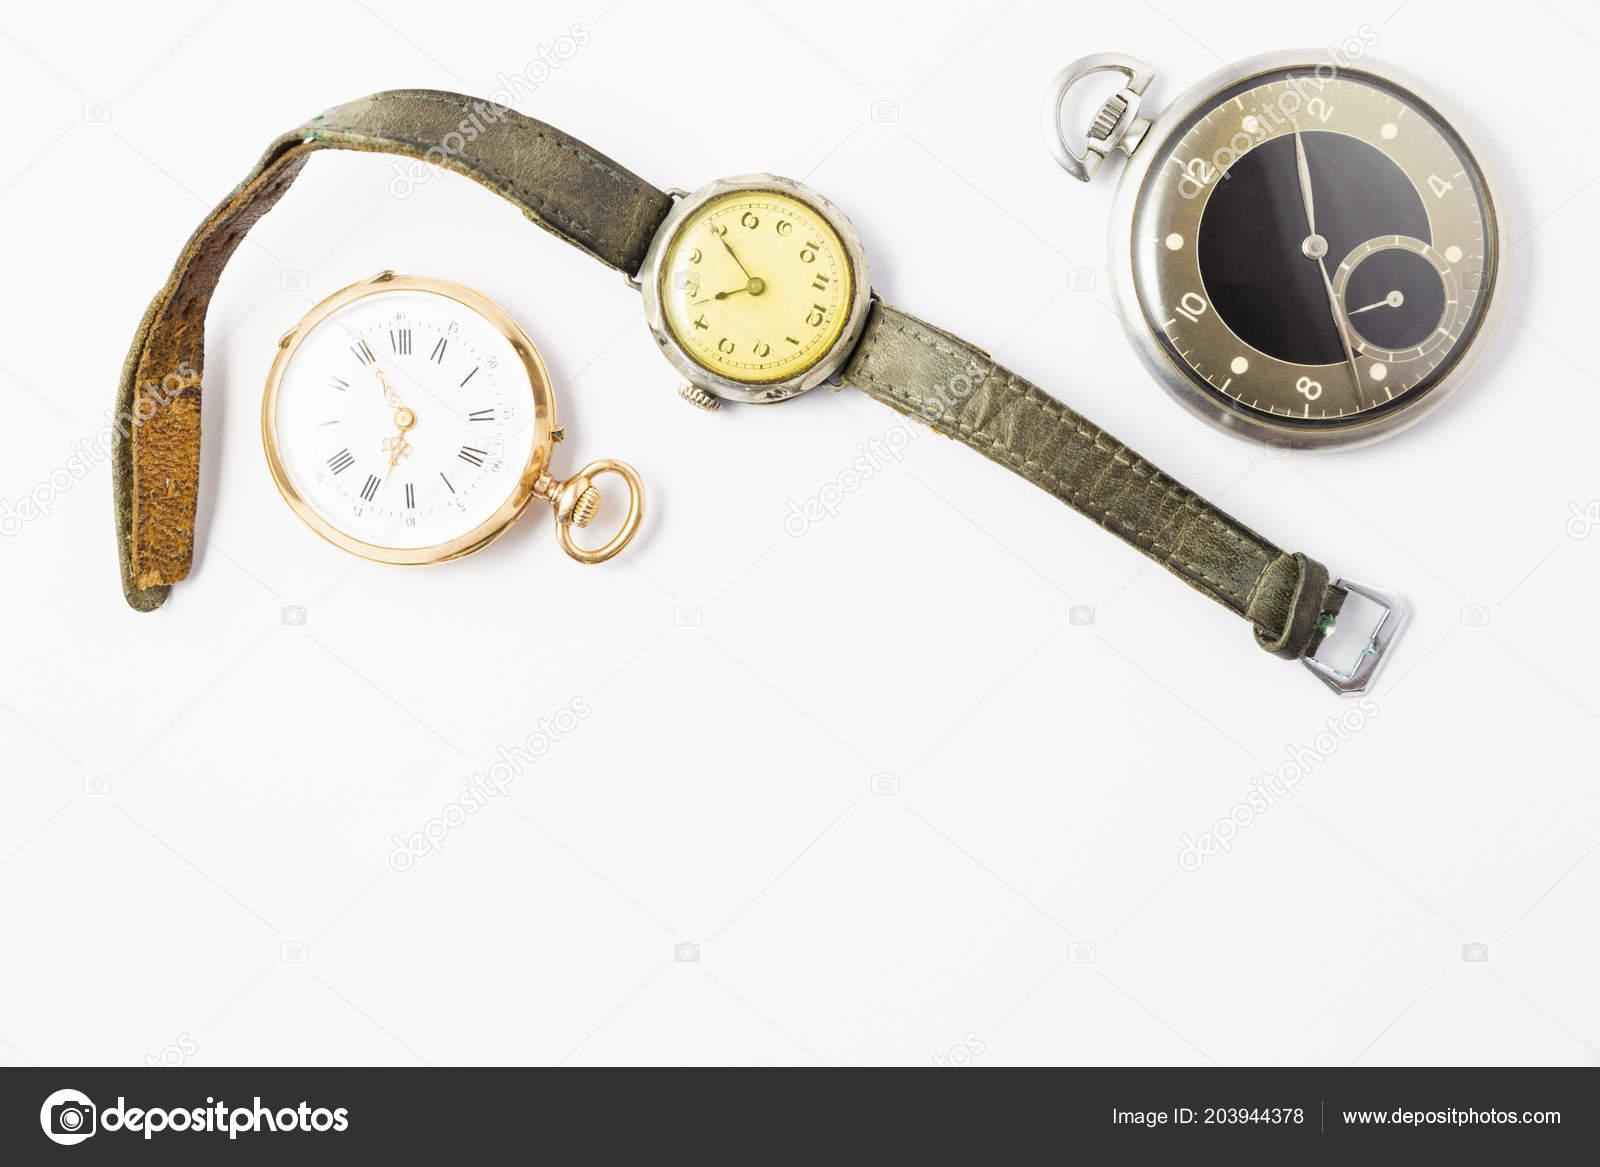 Σύνολο ρολόγια σε λευκό φόντο με ένα κλασικό χρυσό τσέπη Παρακολουθήστε ένα ρολόι  τσέπης μαύρο και ασημί χρώμα και ένα ρολόι με φθαρμένα δερμάτινα λουράκια  ... c97eba3ab38